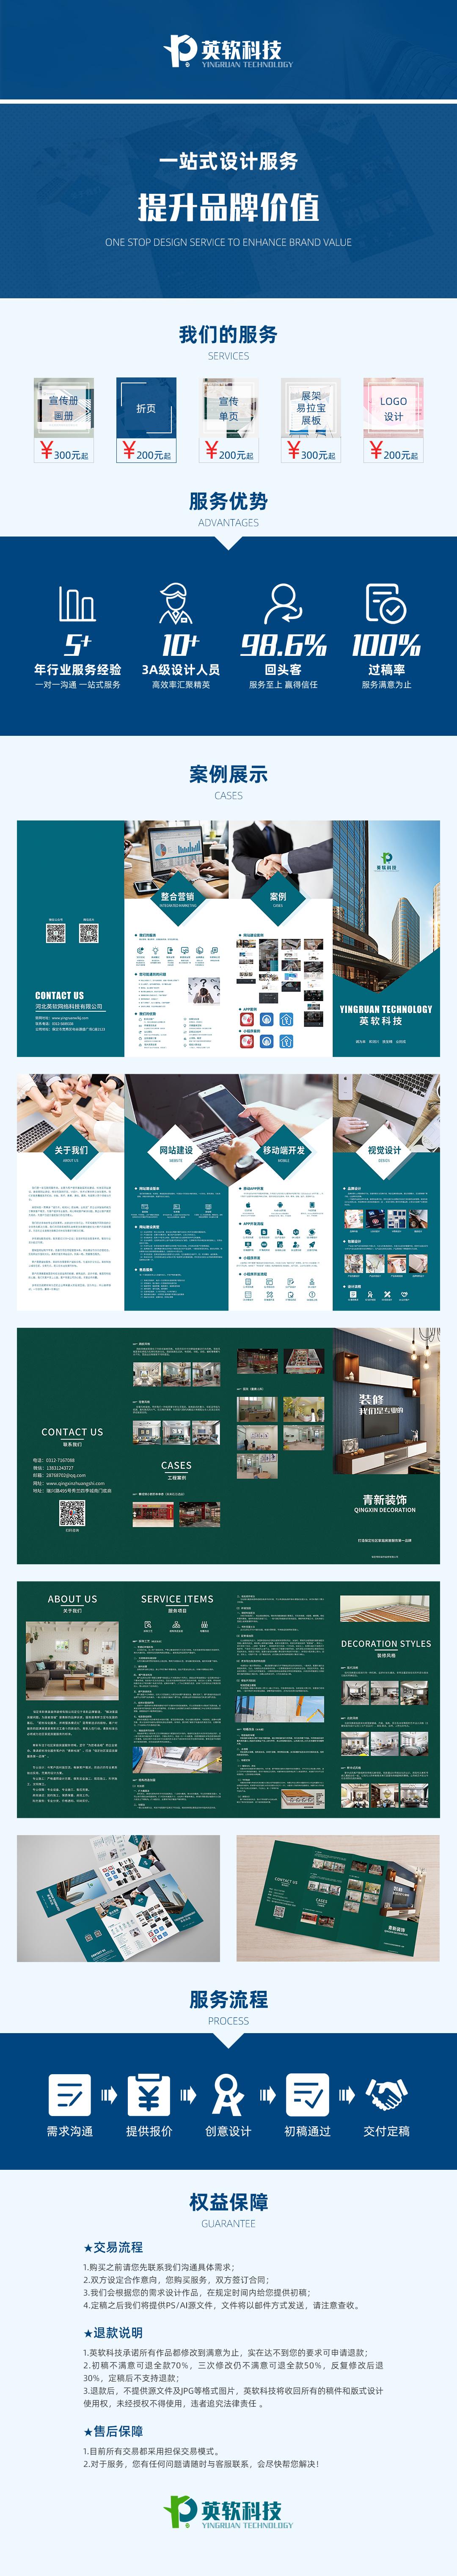 _店铺视觉升级电商设计详情页设计VI设计VI系统设计VI视觉规1